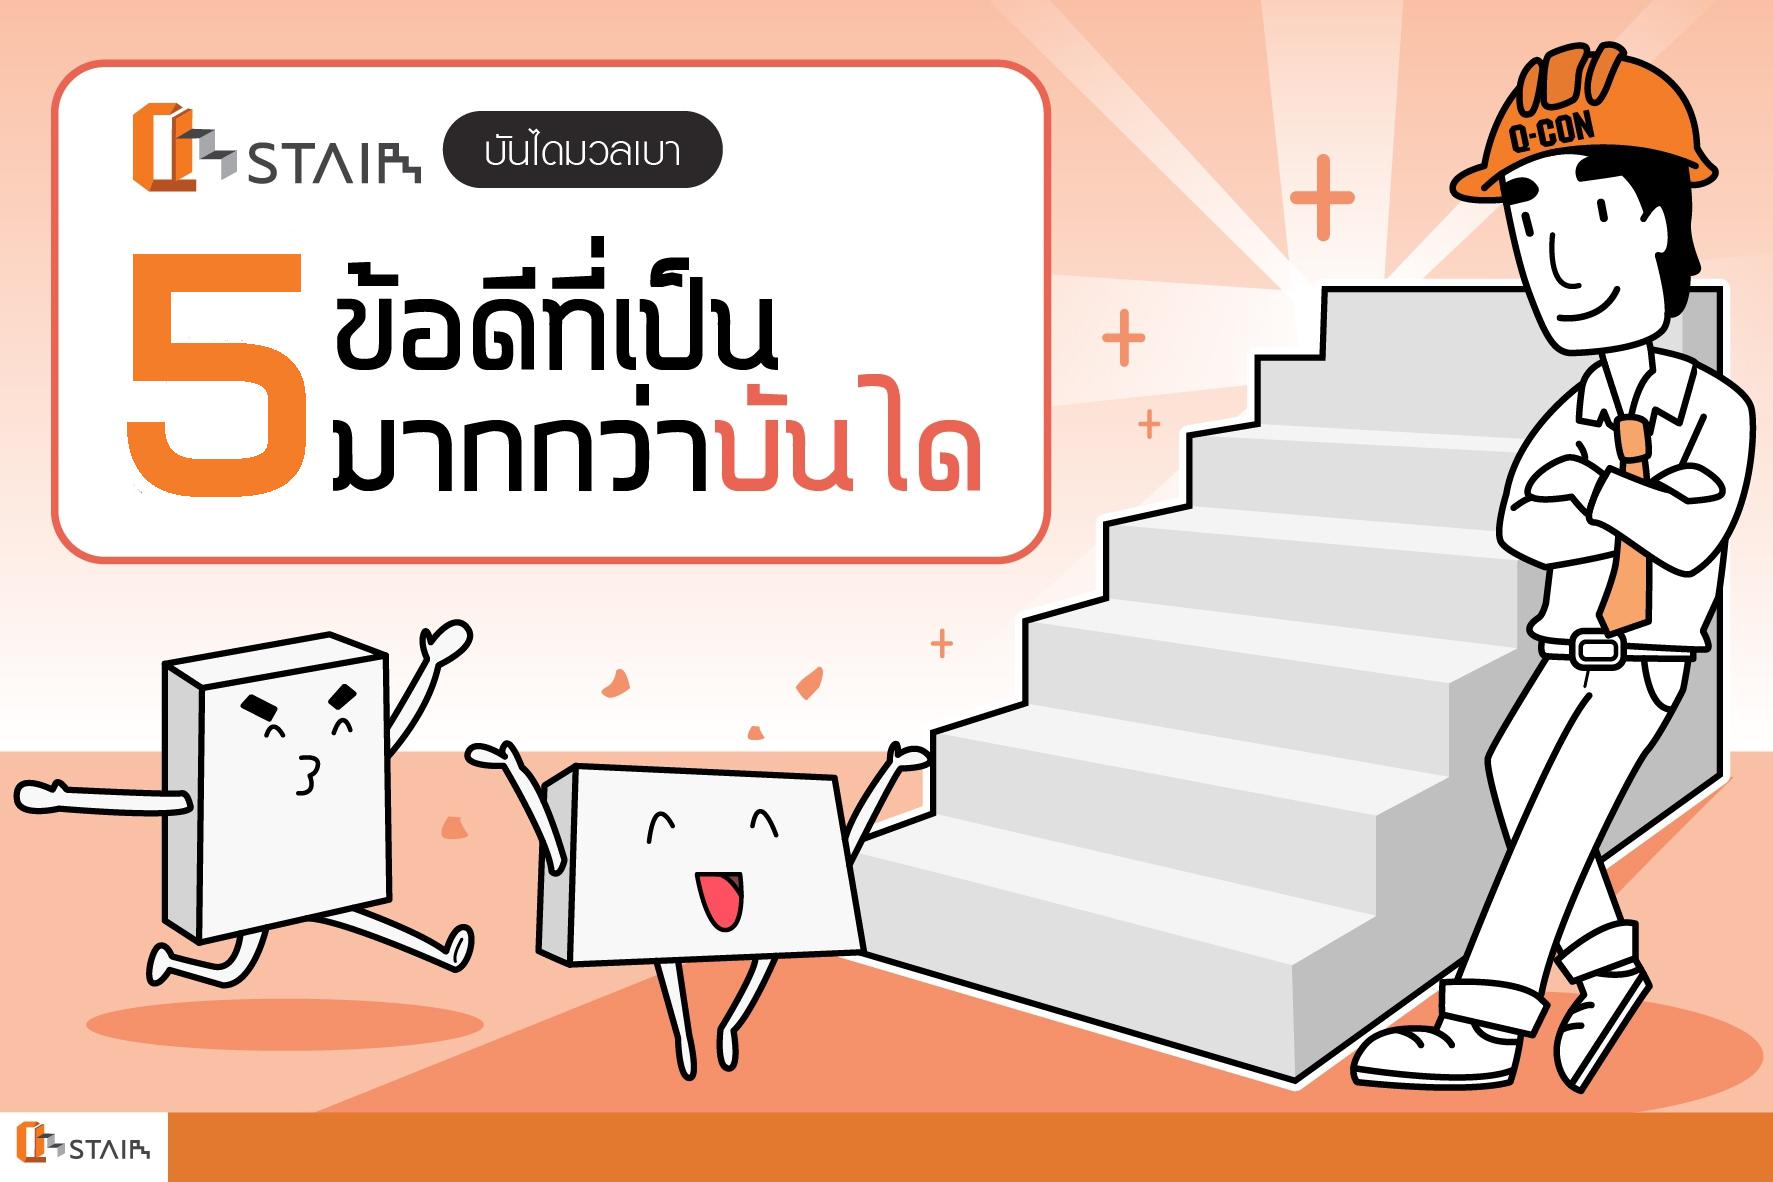 5 ข้อดีของ Q-CON Stair